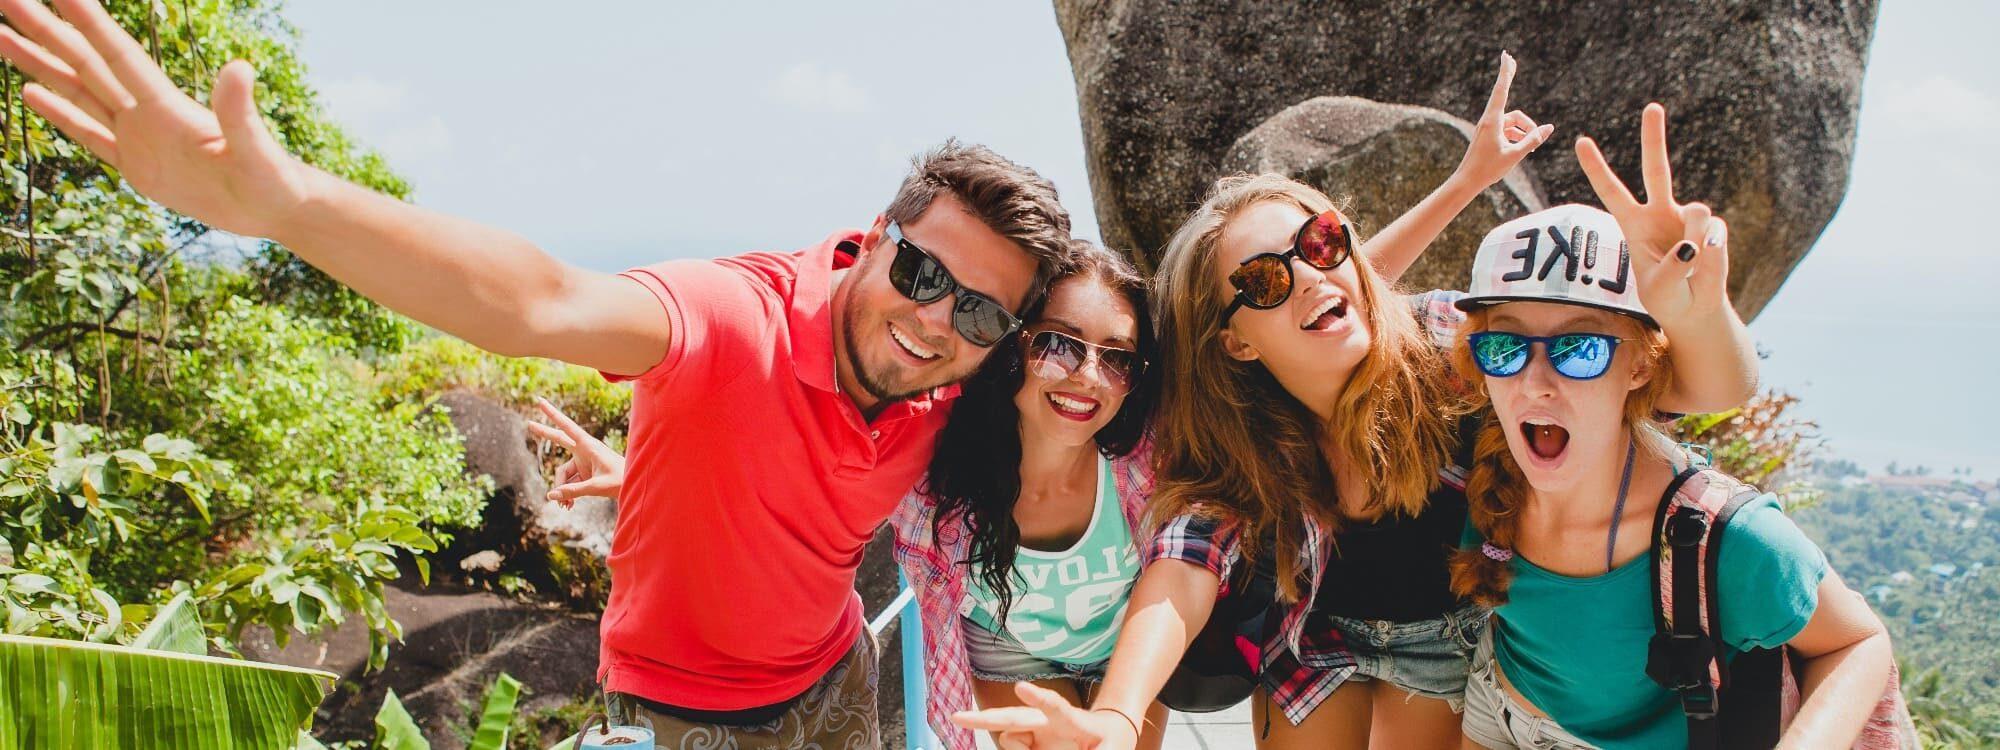 Begeisterte Reisende in Kleingruppe